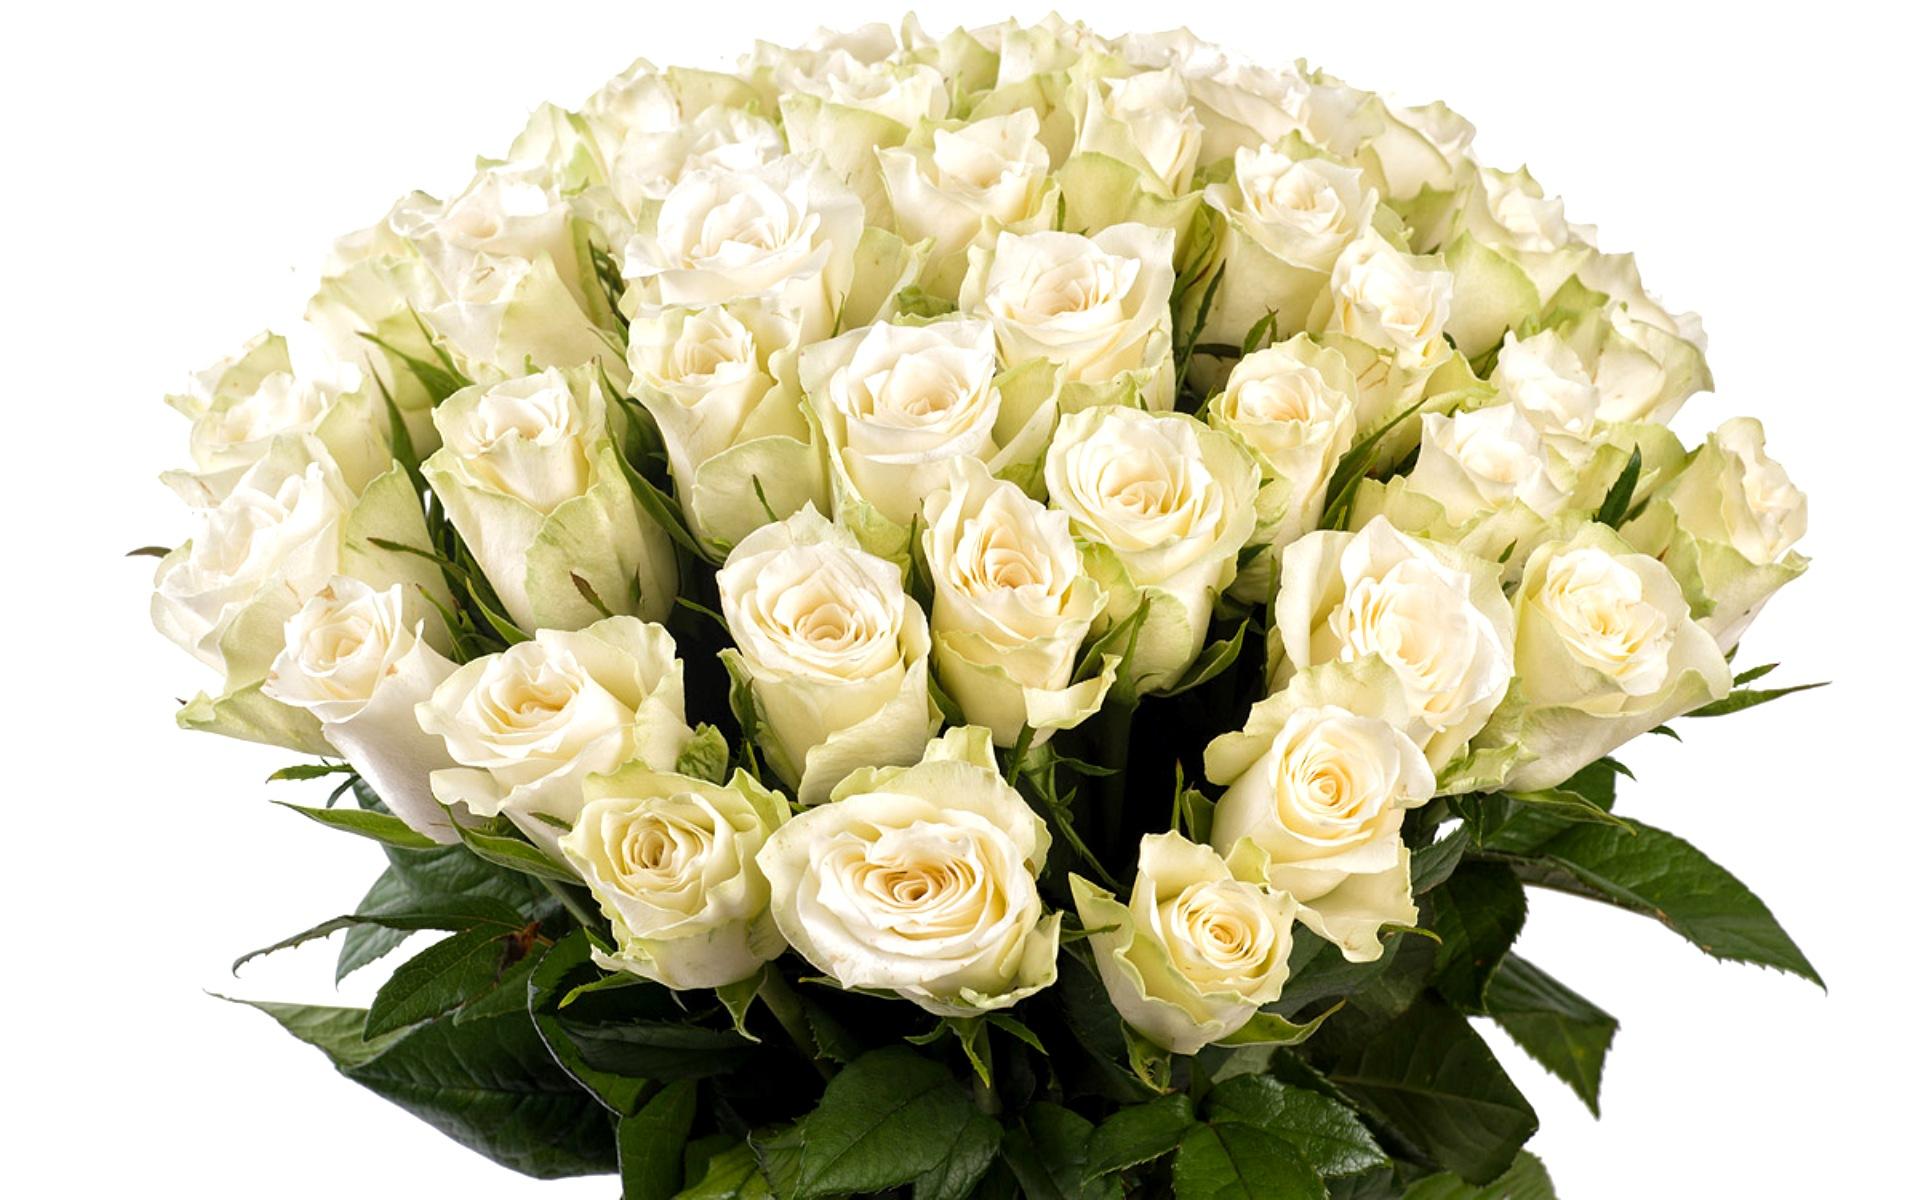 Картинки с белыми розами красивые, картинки про